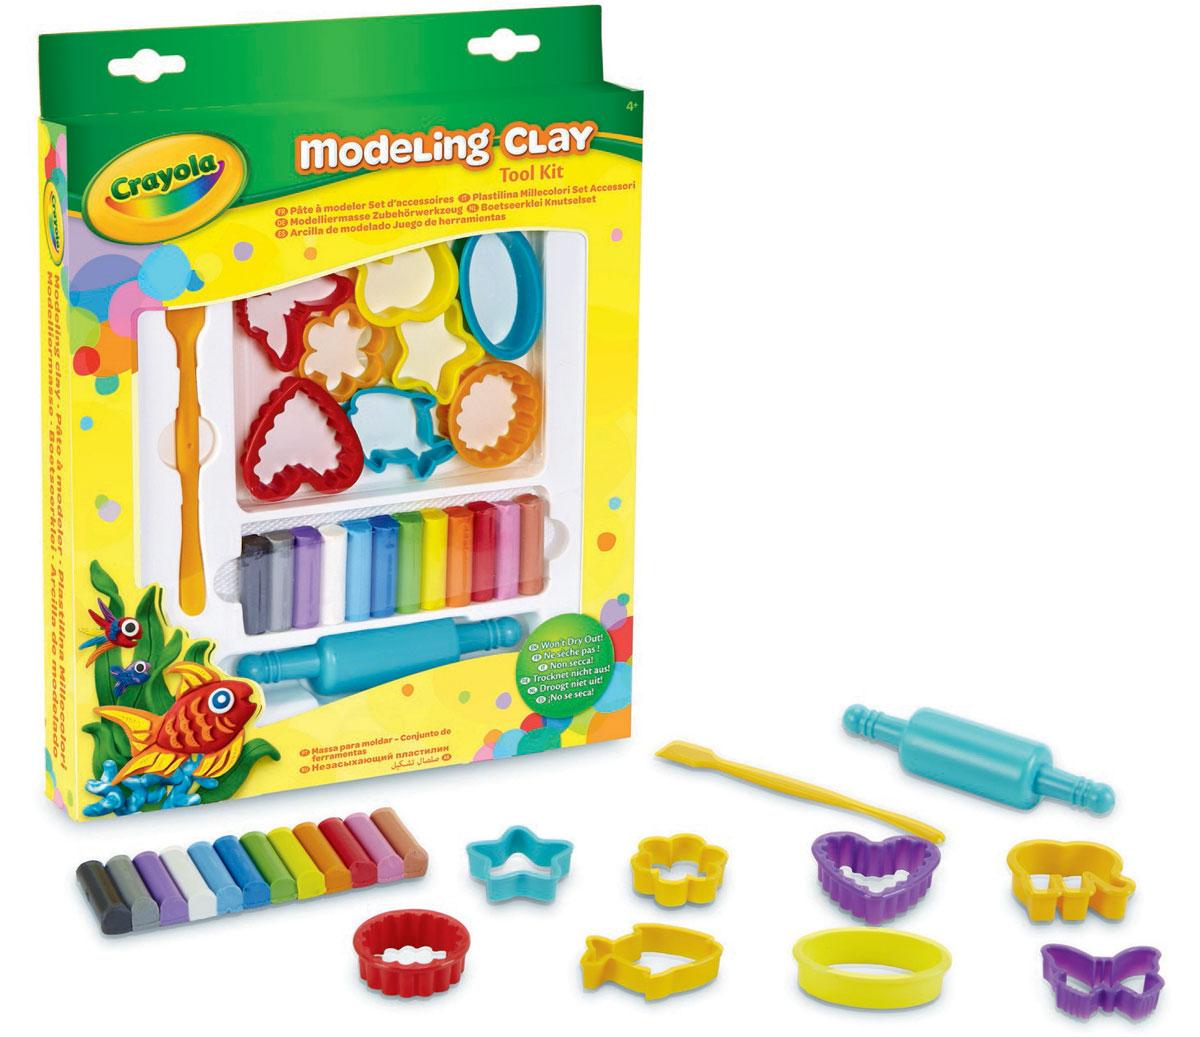 Crayola Набор для творчества 57-0320N57-0320NНабор для творчества Crayola включает в себя все необходимое длянезабываемого творческого времяпровождения вашего малыша. В набор входят 12 кусков пластилина различных классических цветов. Также в наборе - 8 разнообразных формочек для лепки, скалка для удобного раскатывания пластилина и стек. Лепка из пластилина поможет ребенку развить воображение и мелкую моторику рук. Кроме того ребенок начнет лучше воспринимать форму, фактуру и цвета предметов. Продукция бренда Crayola изготавливается из безопасных и нетоксичных материалов. Пластилин не сможет навредить здоровью вашего ребенка, поэтому он идеально подойдут для юных начинающих скульпторов. Пластилин рекомендован для детей в возрасте от 4 лет.